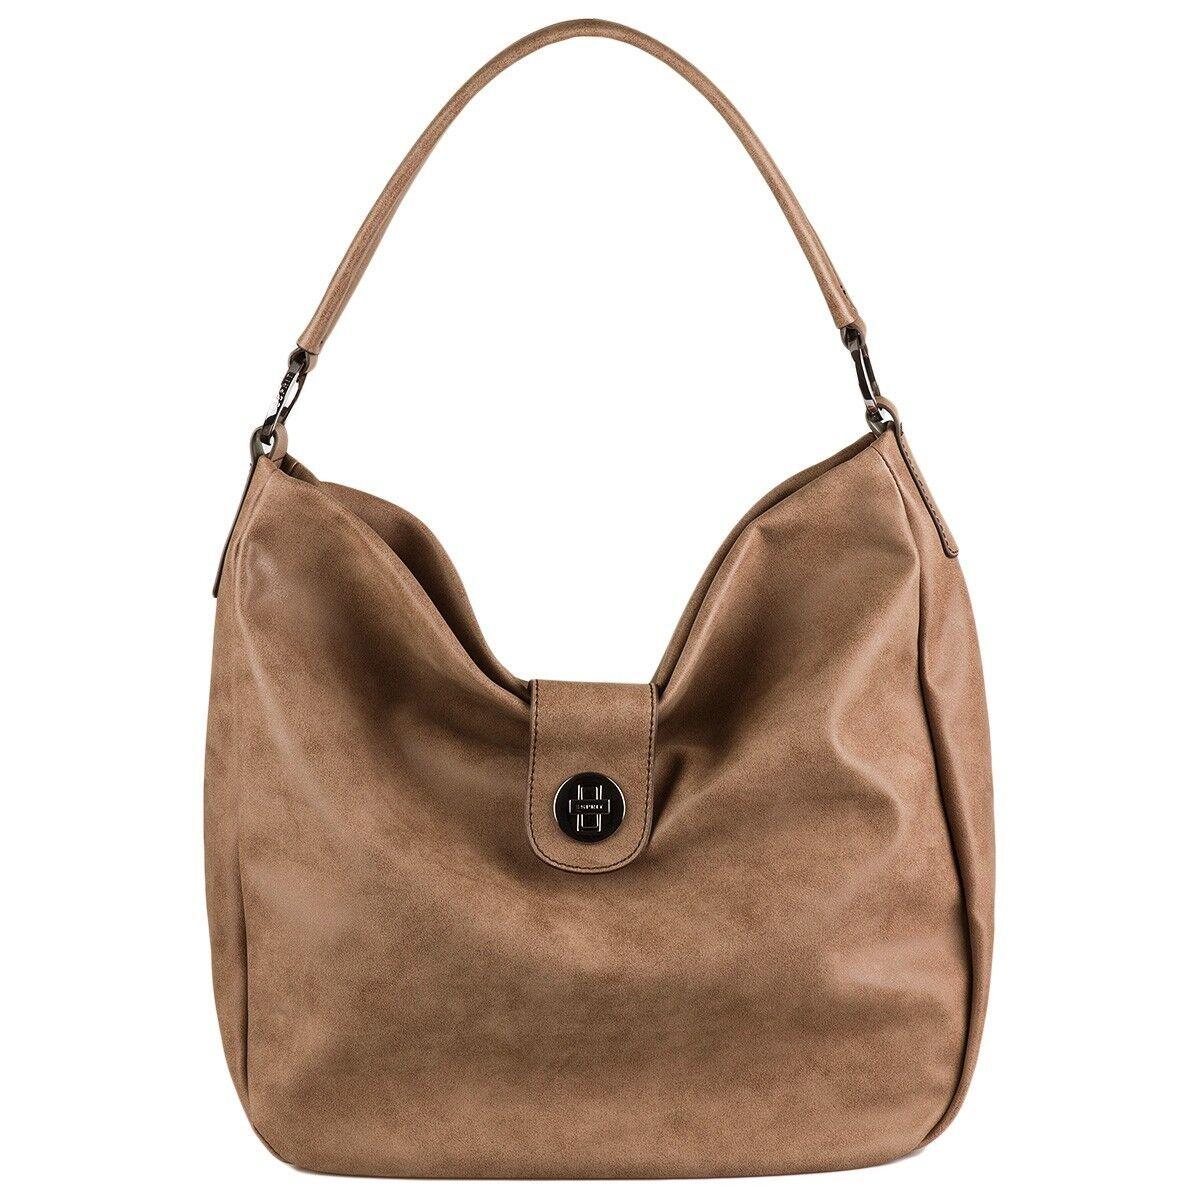 Esprit Kora Kora Kora Hobo Beuteltasche Handtasche Schultertasche Shopper 116EA1O021 | Outlet Store  | Ausgang  53a95f